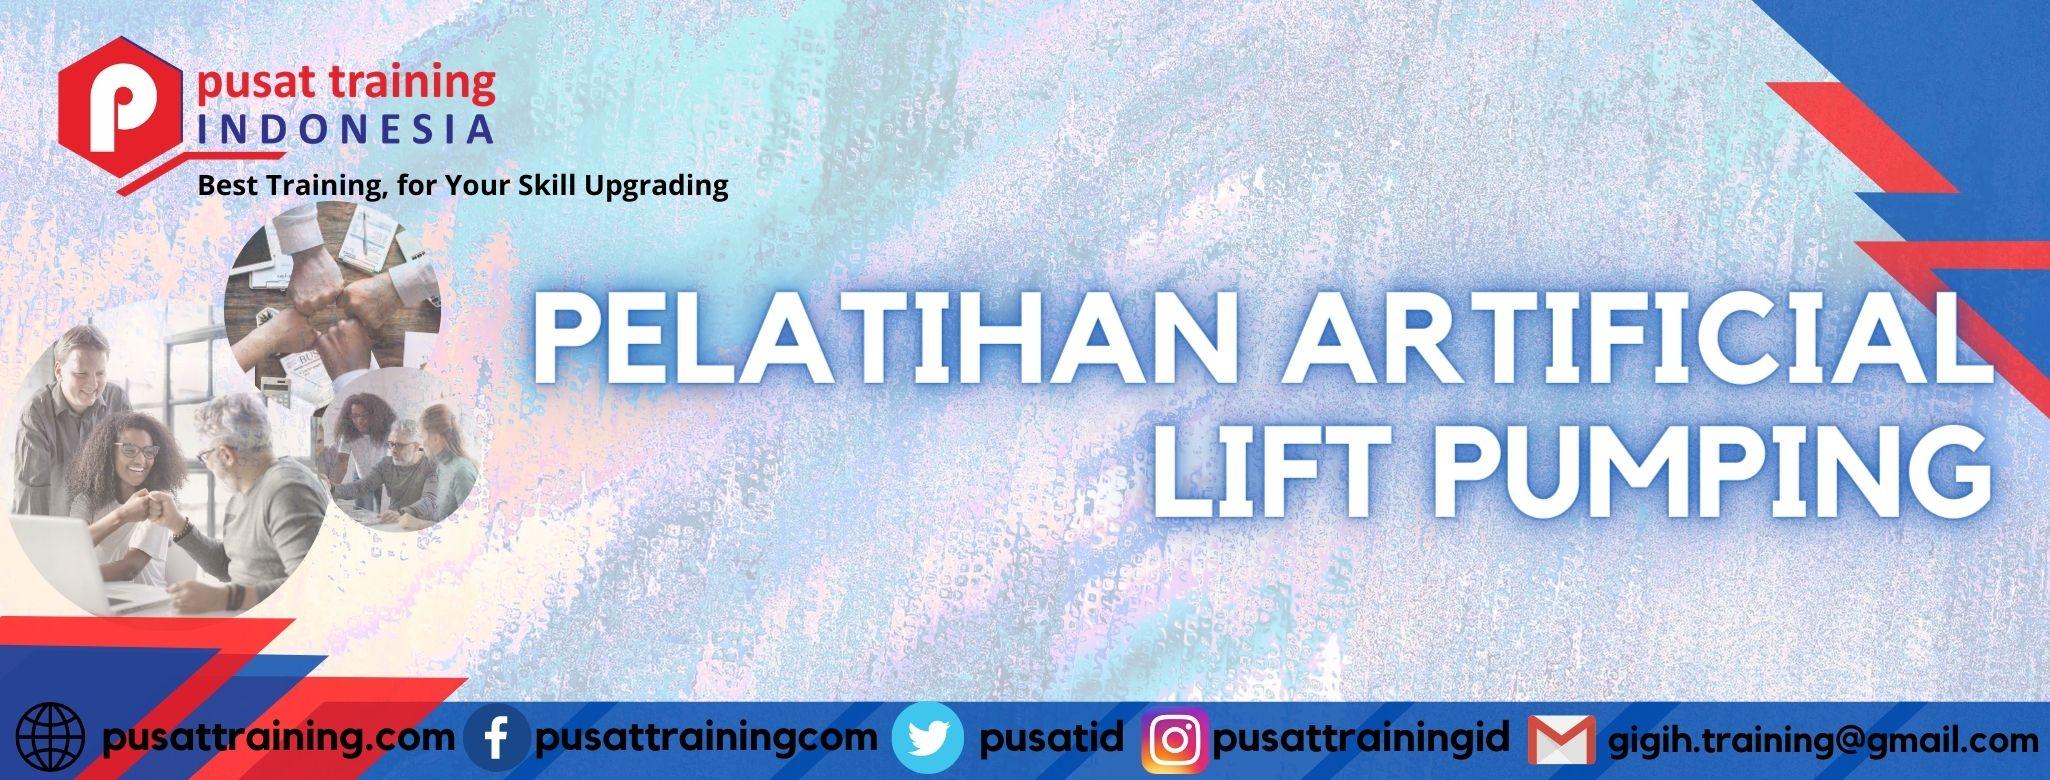 pelatihan-artificial-lift-pumping